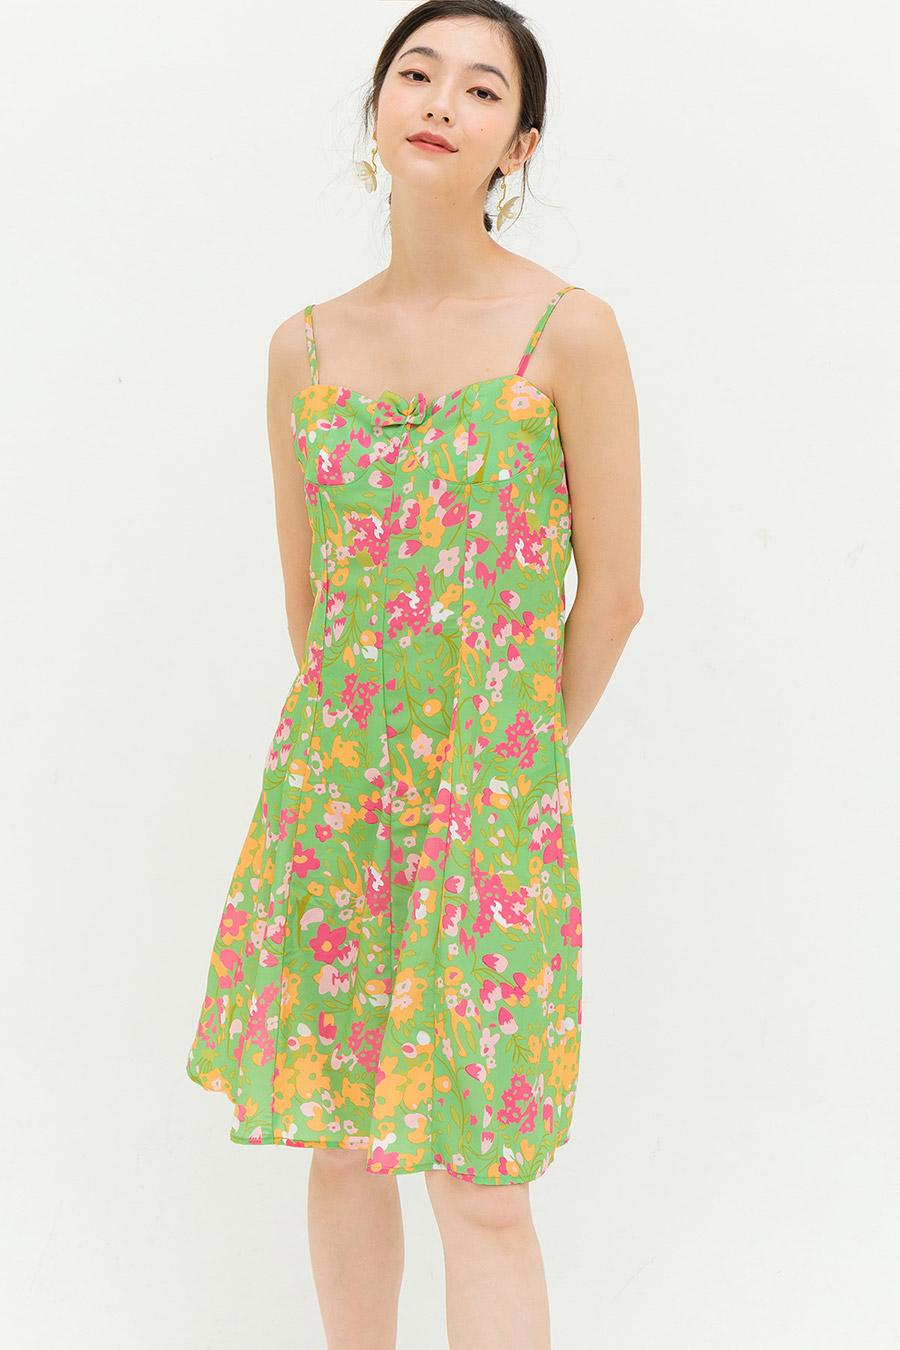 CARTER DRESS - PINE FLEUR